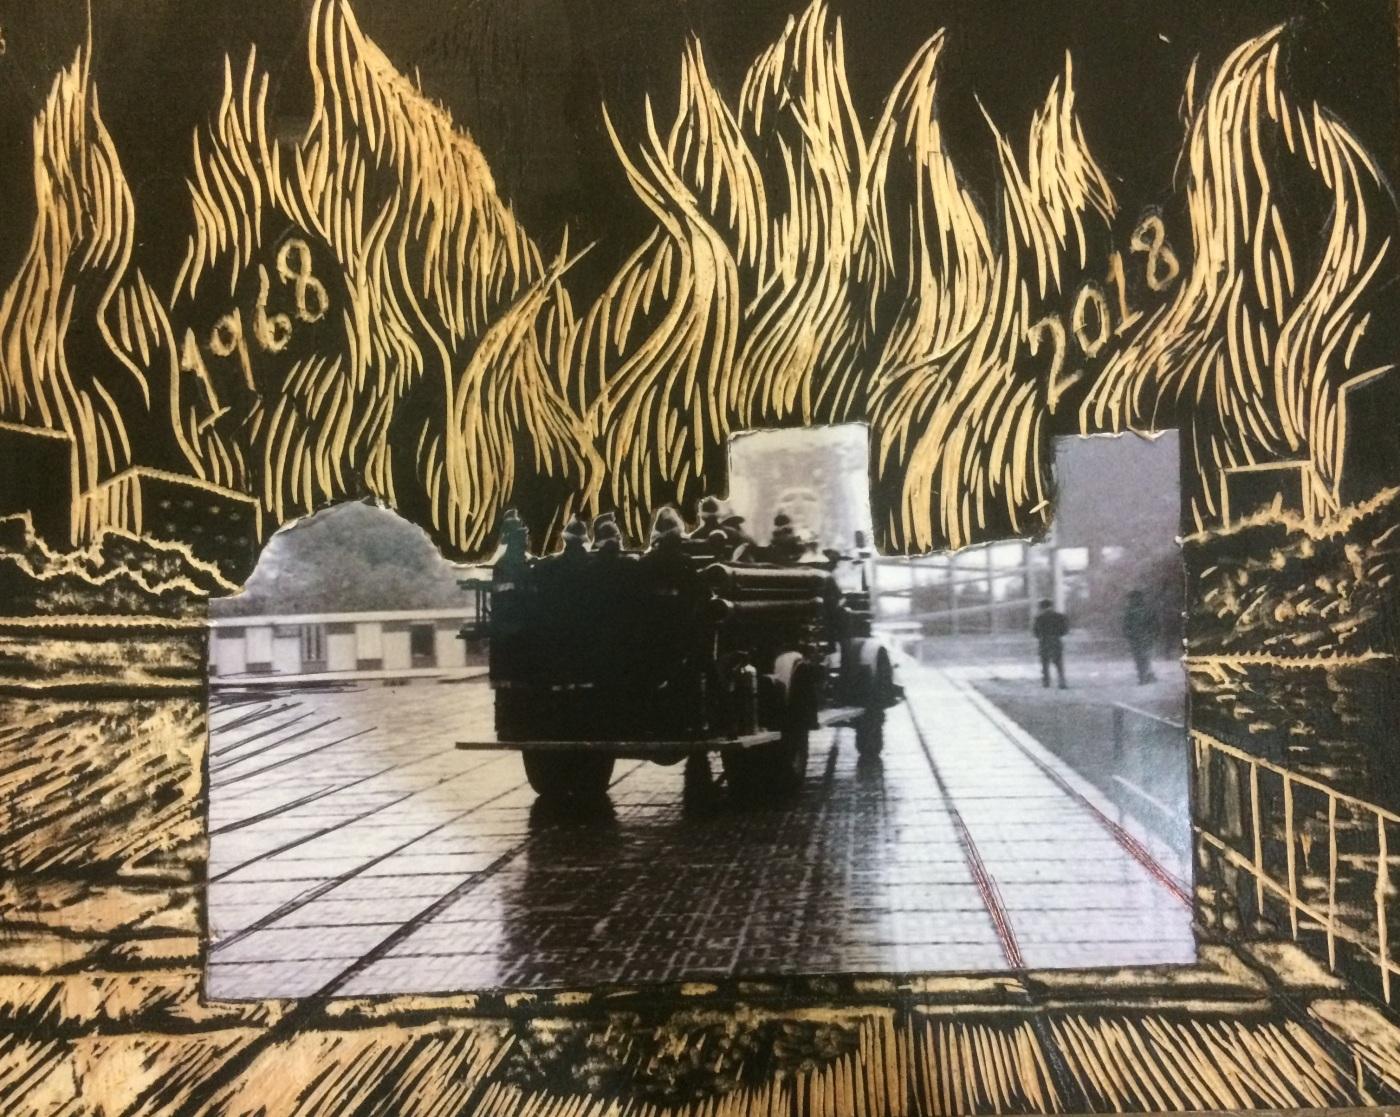 4-Fuego fatuo-Impresión digital y xilografía_pagina_salmon